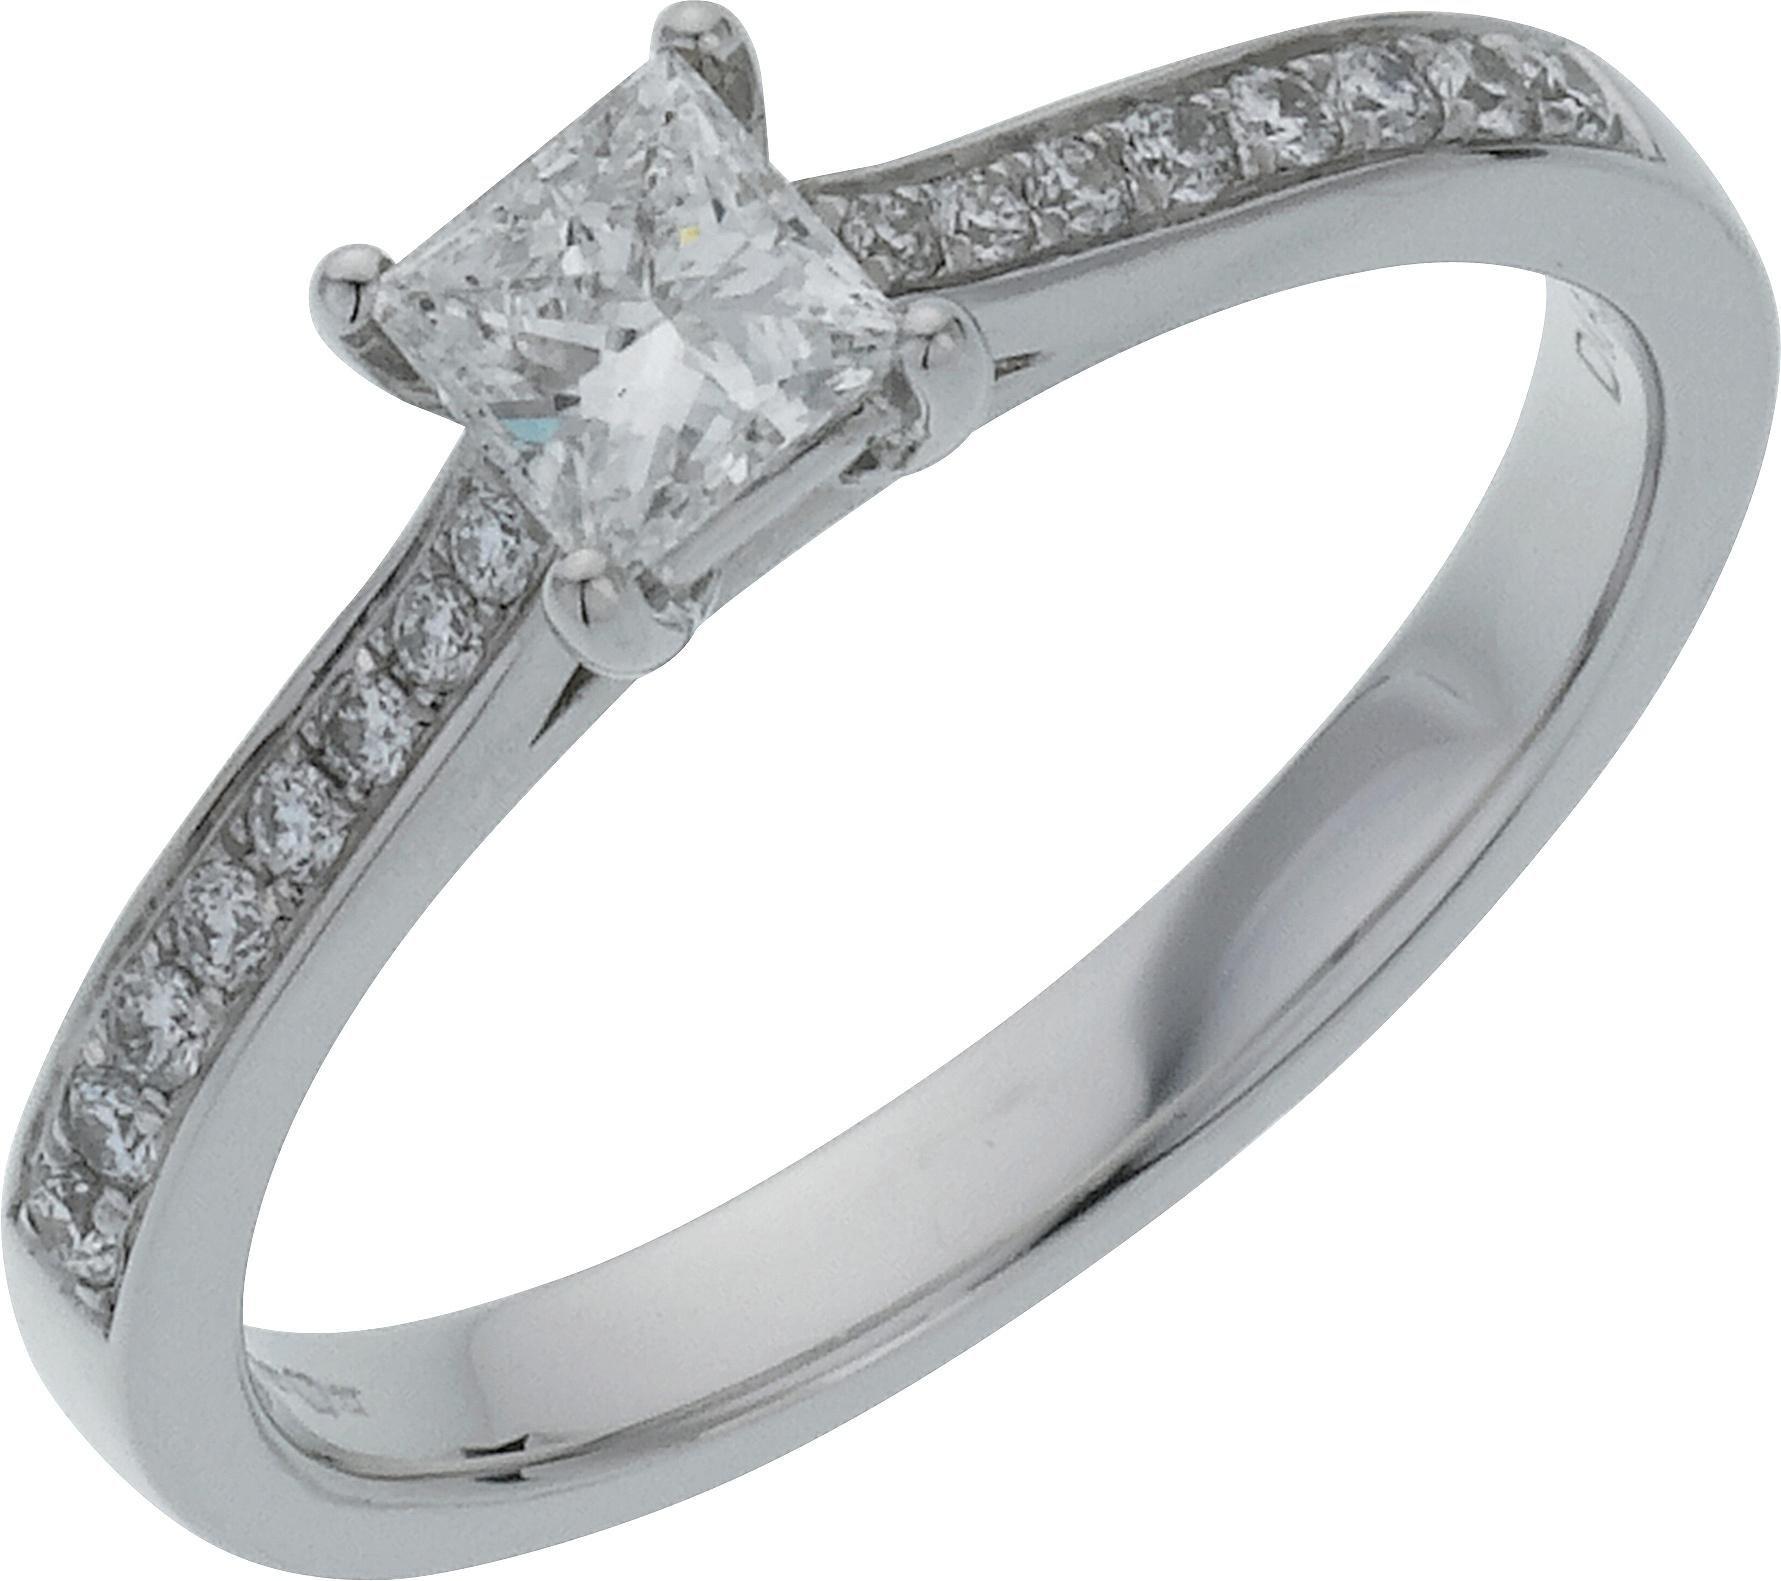 18 Carat White Gold 05 Carat Diamond - Princess Cut Shoulder Ring- K